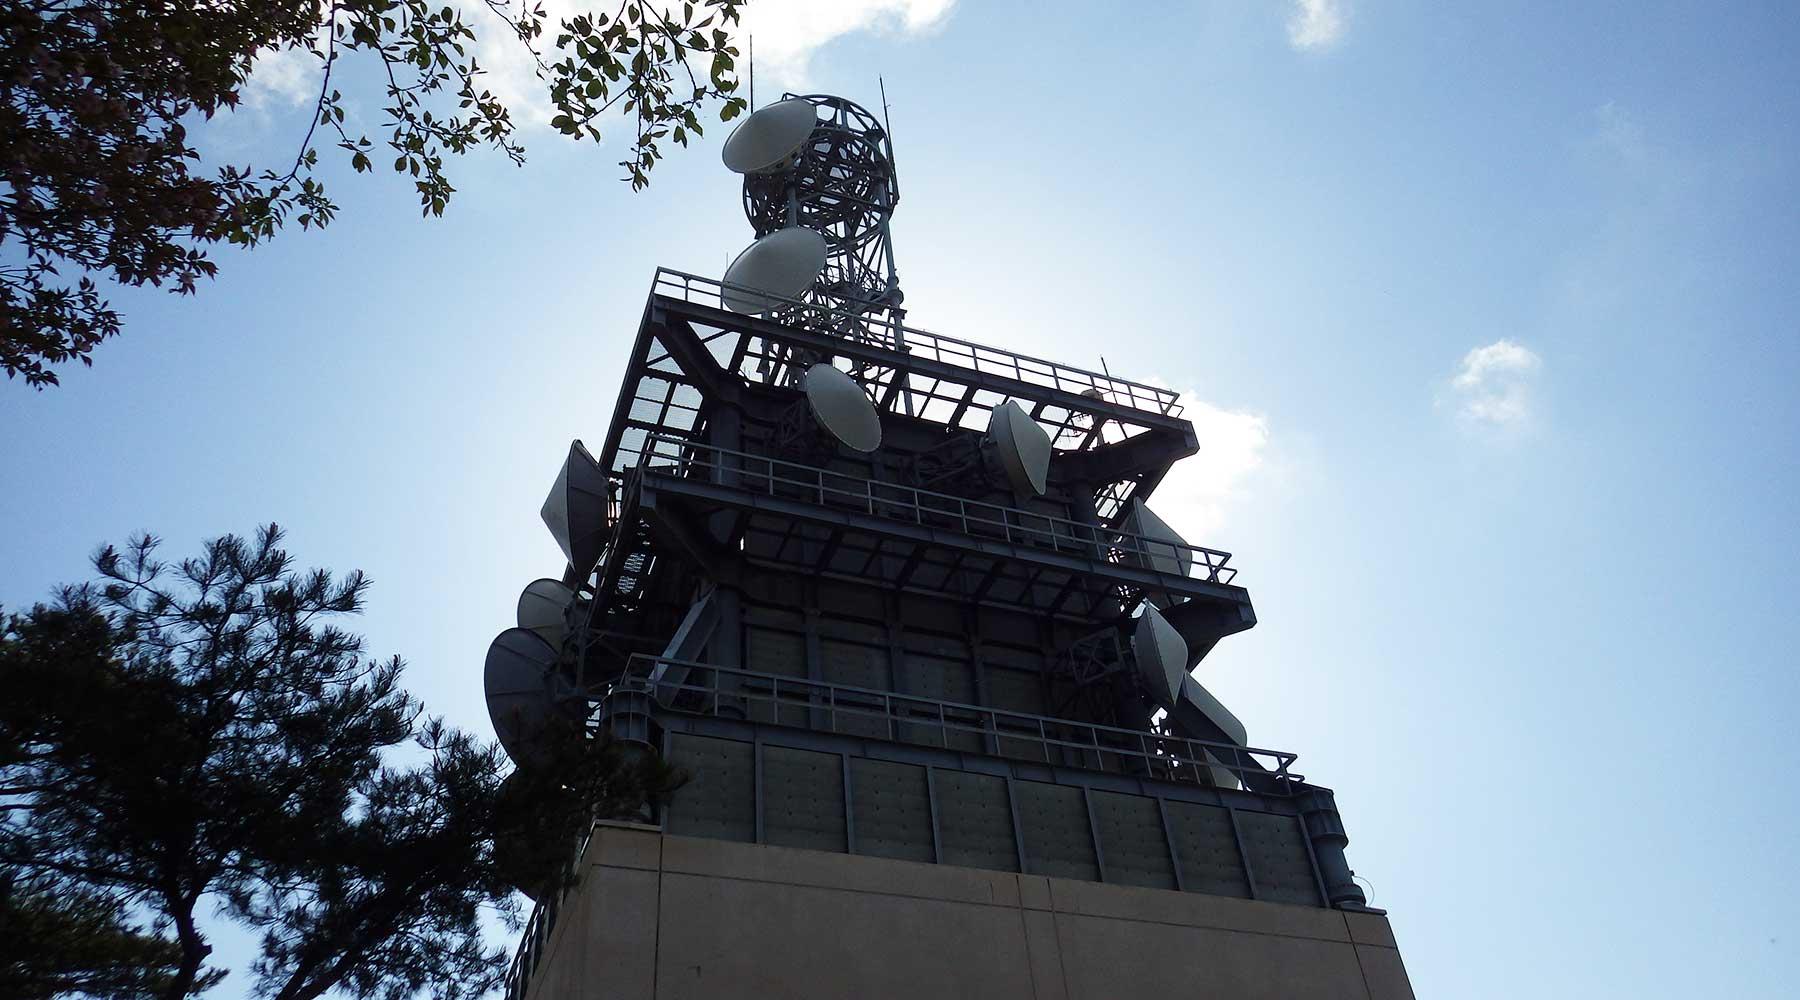 宝篋山山頂の電波塔